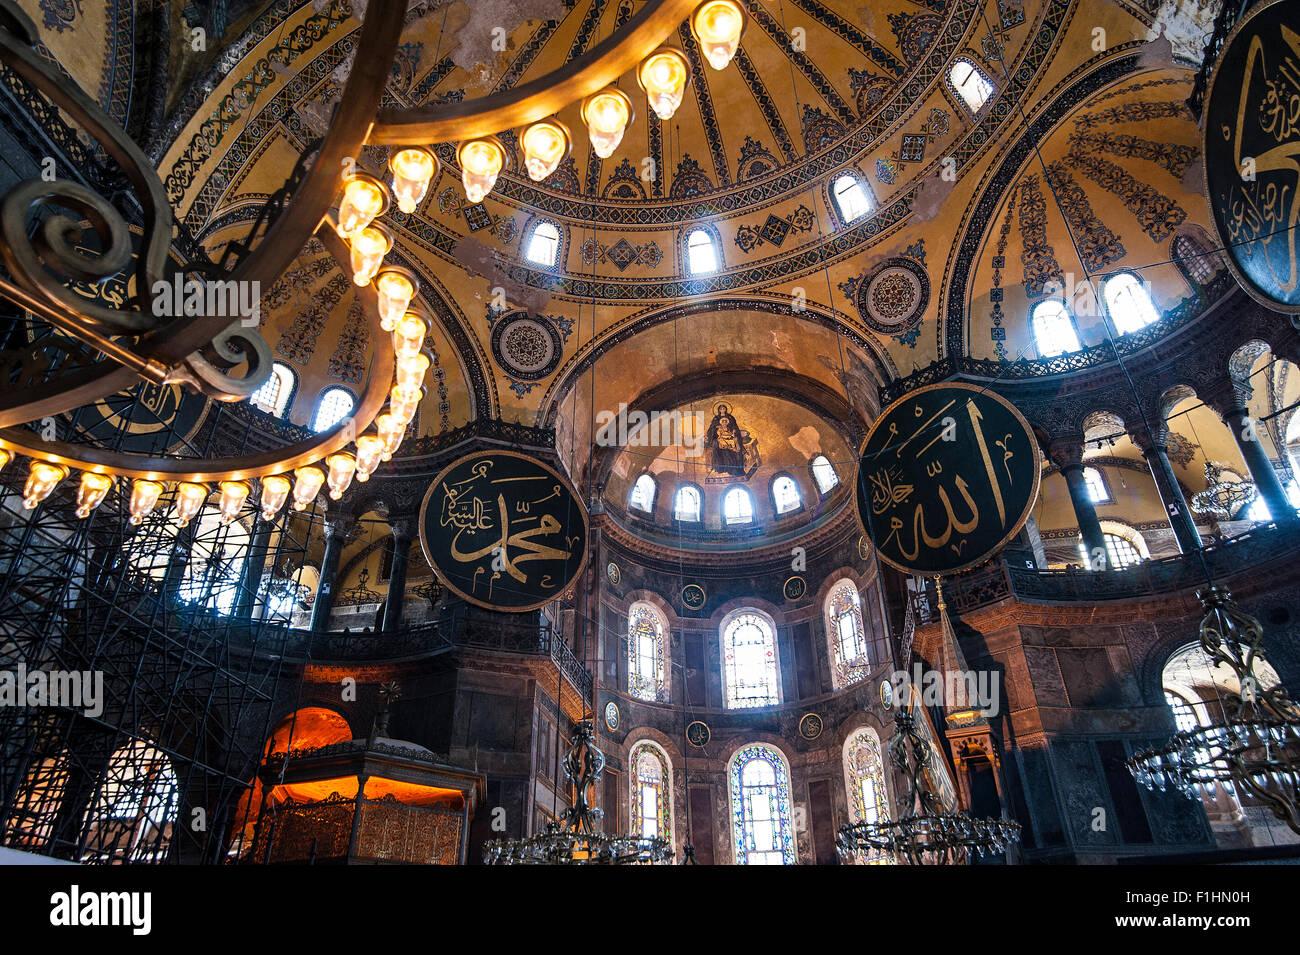 Turquía, Estambul: Santa Sofía es uno de los históricos de Estambul destaca en Sultanahmet, la parte Imagen De Stock